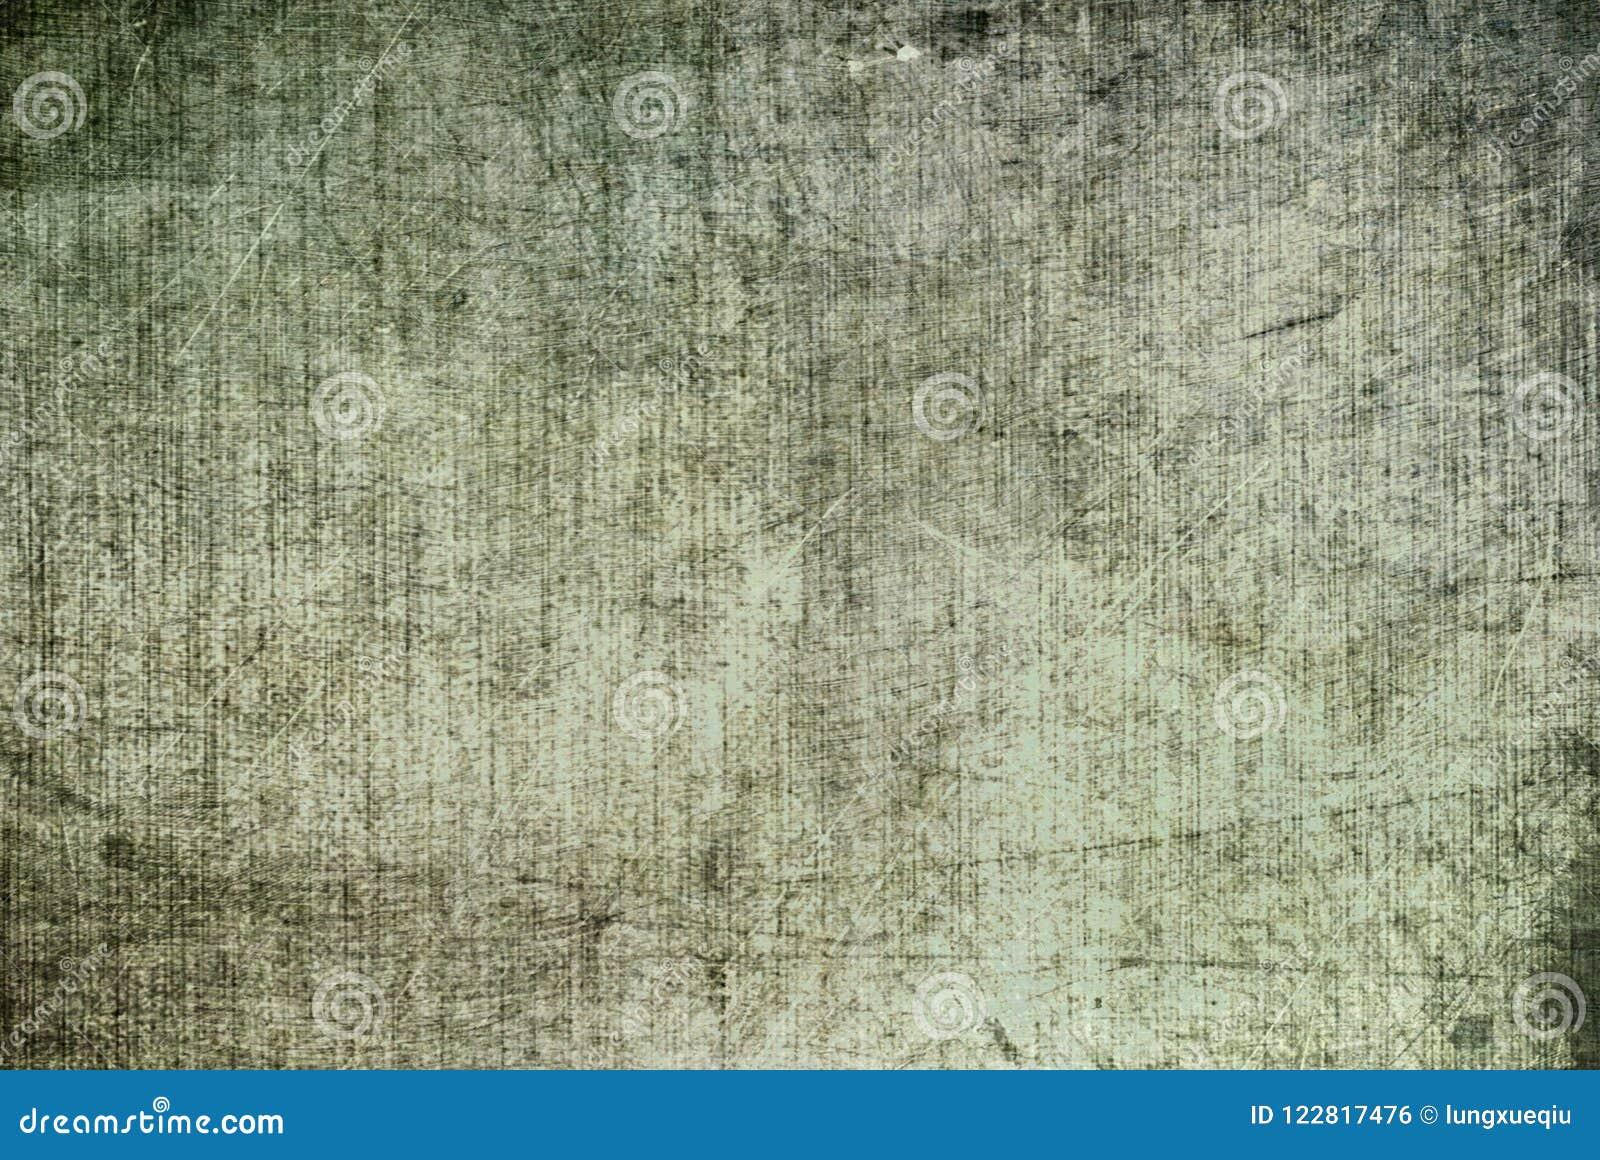 O Grunge Grey Black White Rusty Distorted escuro deteriora o teste padrão de pintura da textura da lona velha do sumário para Aut